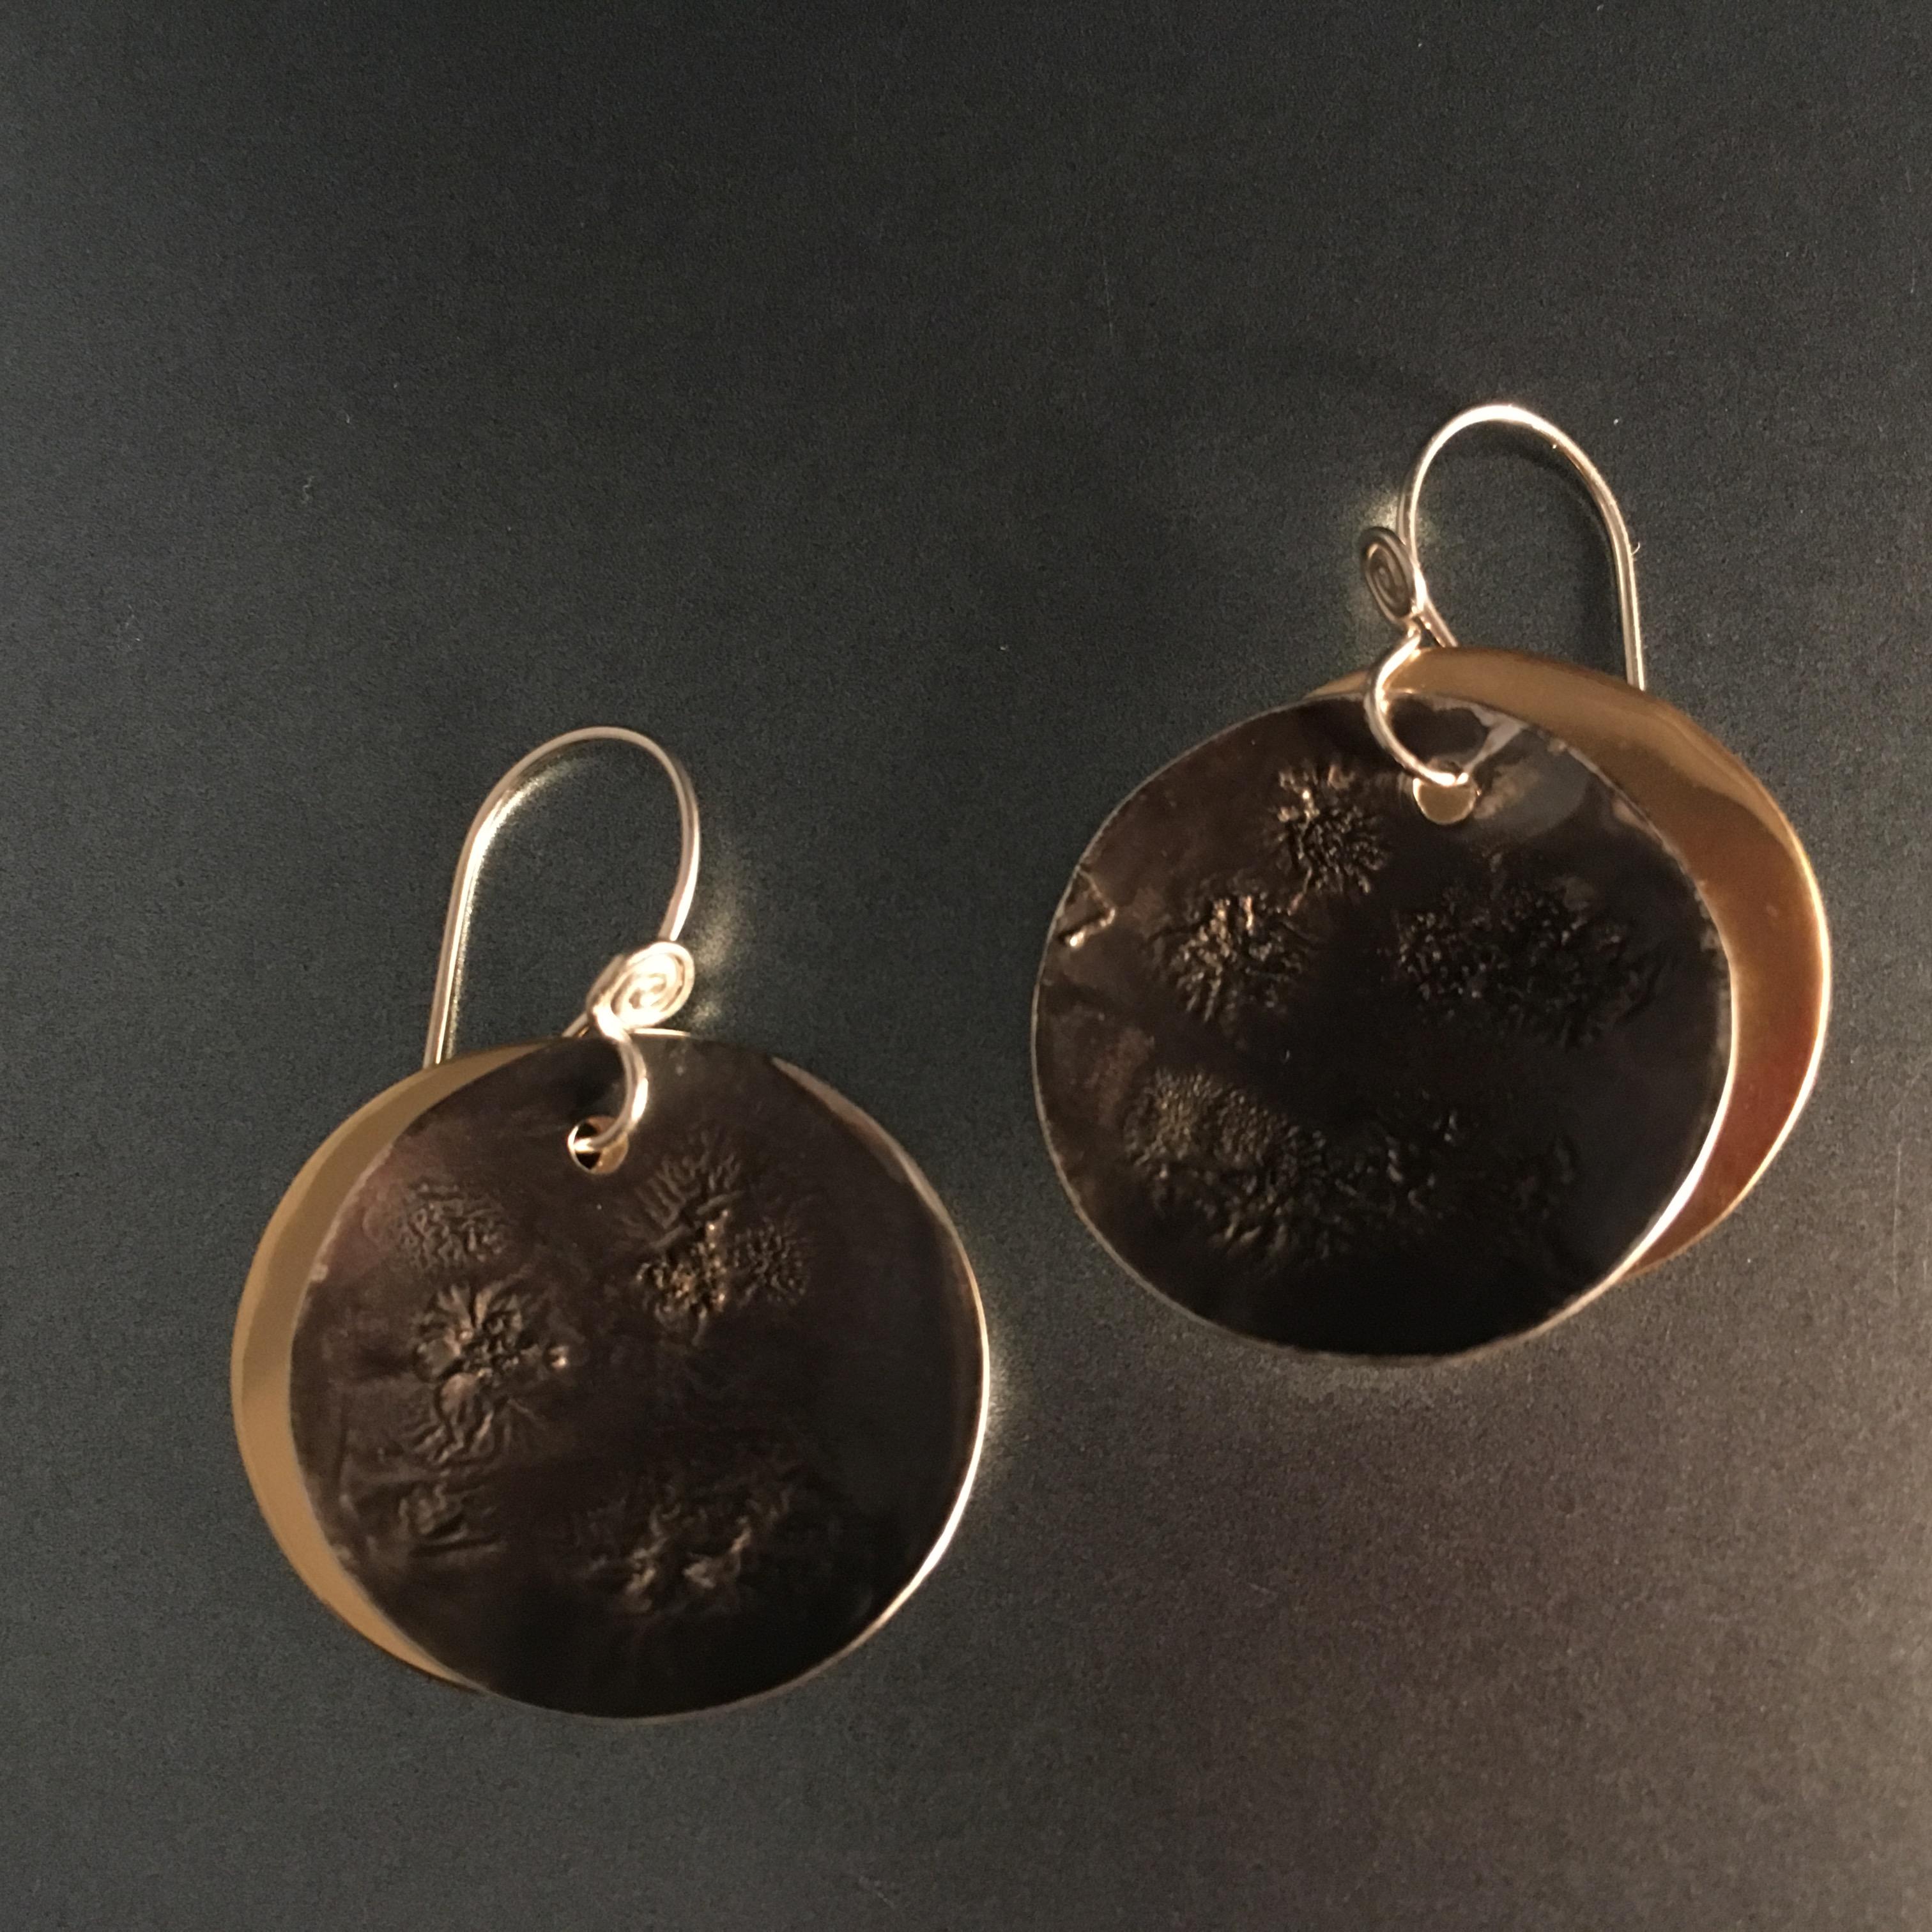 Solar Eclipse Earrings, small$38